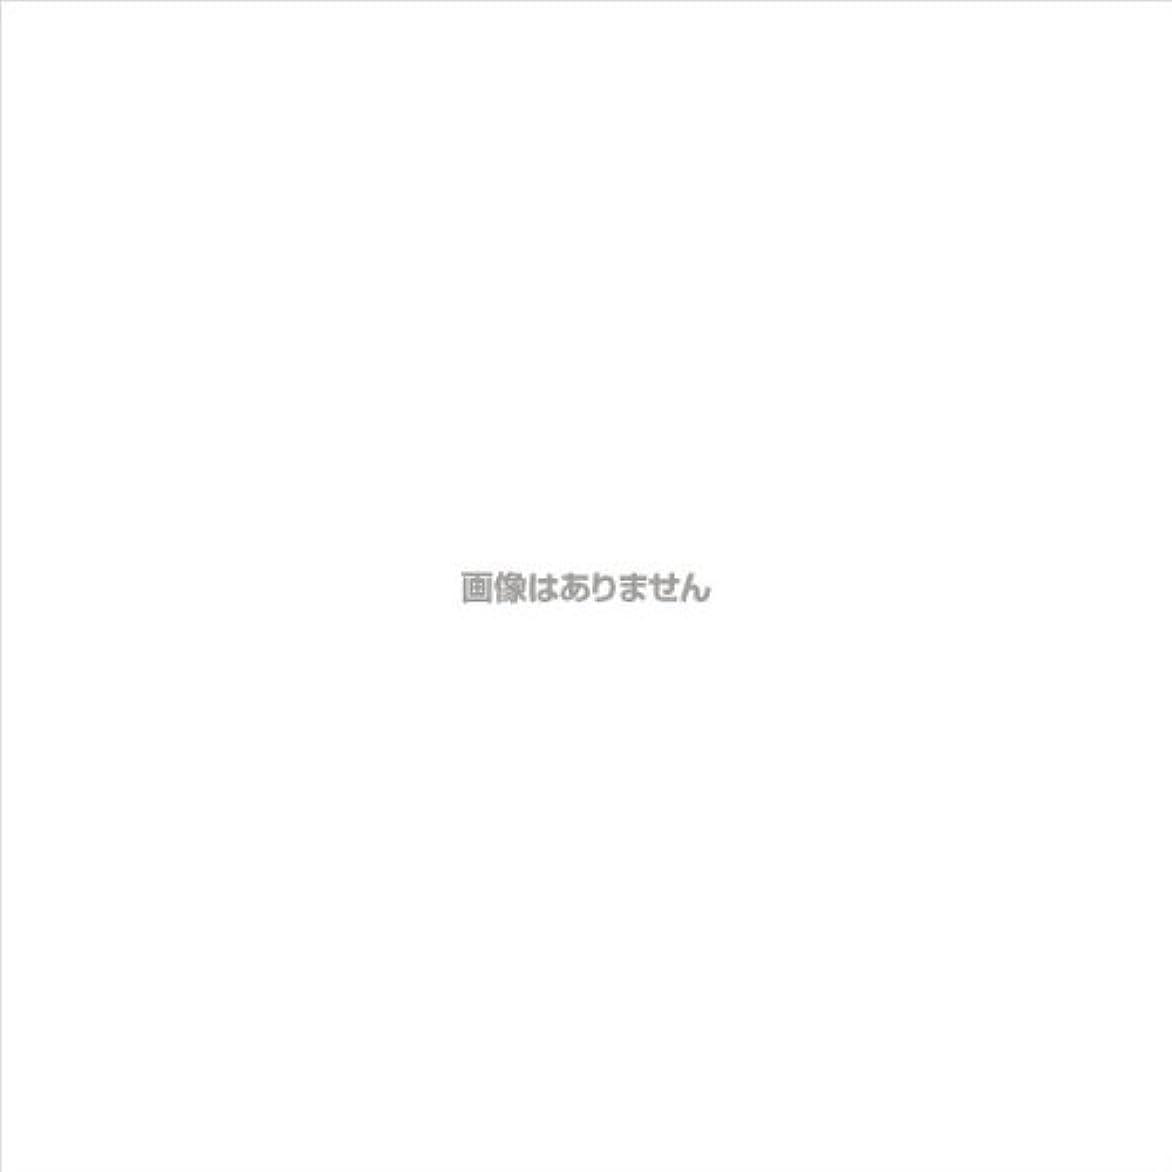 法的涙が出る焼くニトリルNEOプラス パウダーフリー / 574 L ホワイト 100枚入 ケース(20箱入)